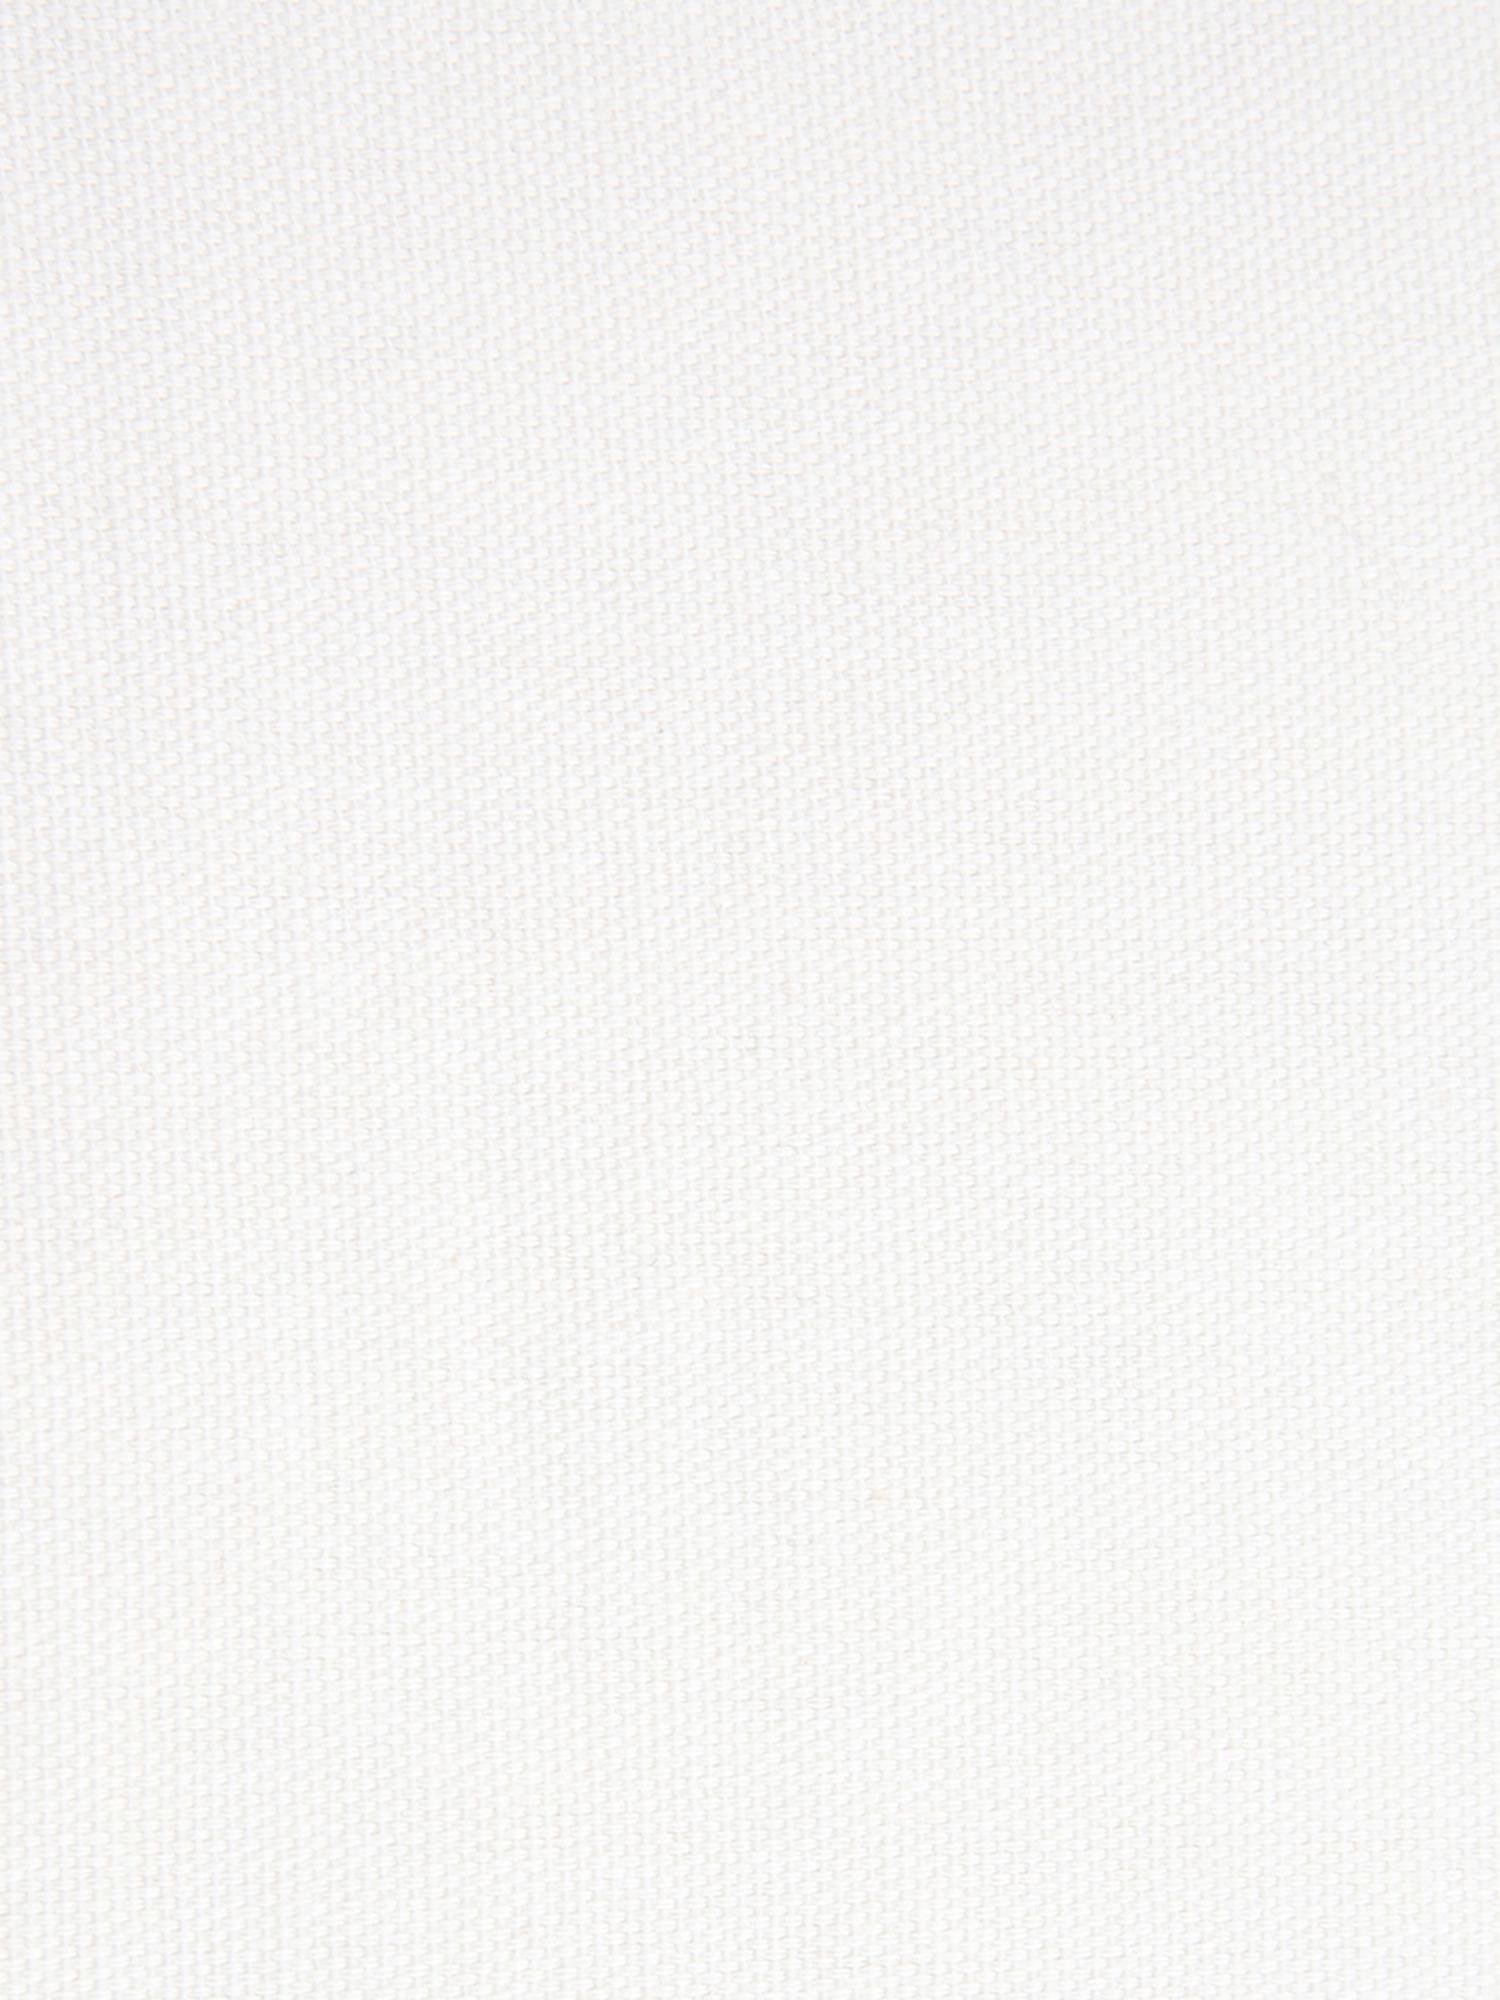 Kissenhülle Allard mit abstrakter Verzierung, 100% Baumwolle, Vorderseite: MehrfarbigRückseite: Weiss, 45 x 45 cm